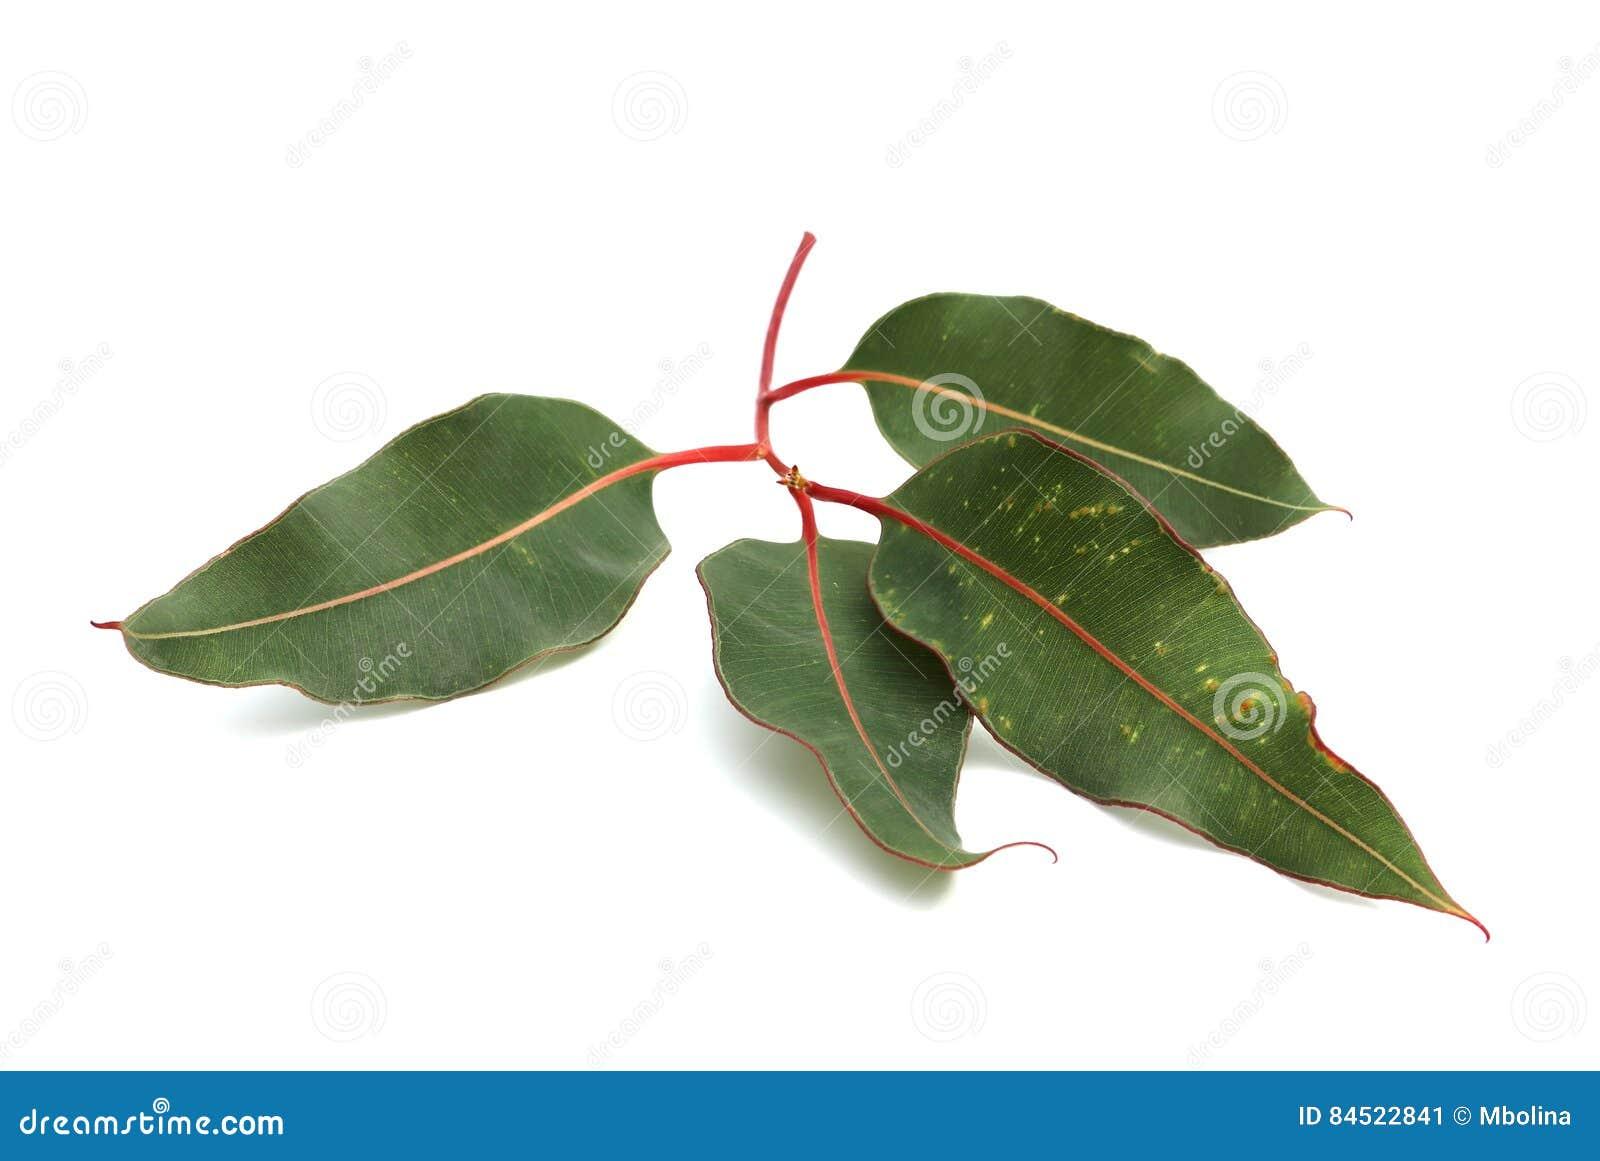 branche verte d'eucalyptus sur le fond blanc image stock - image du